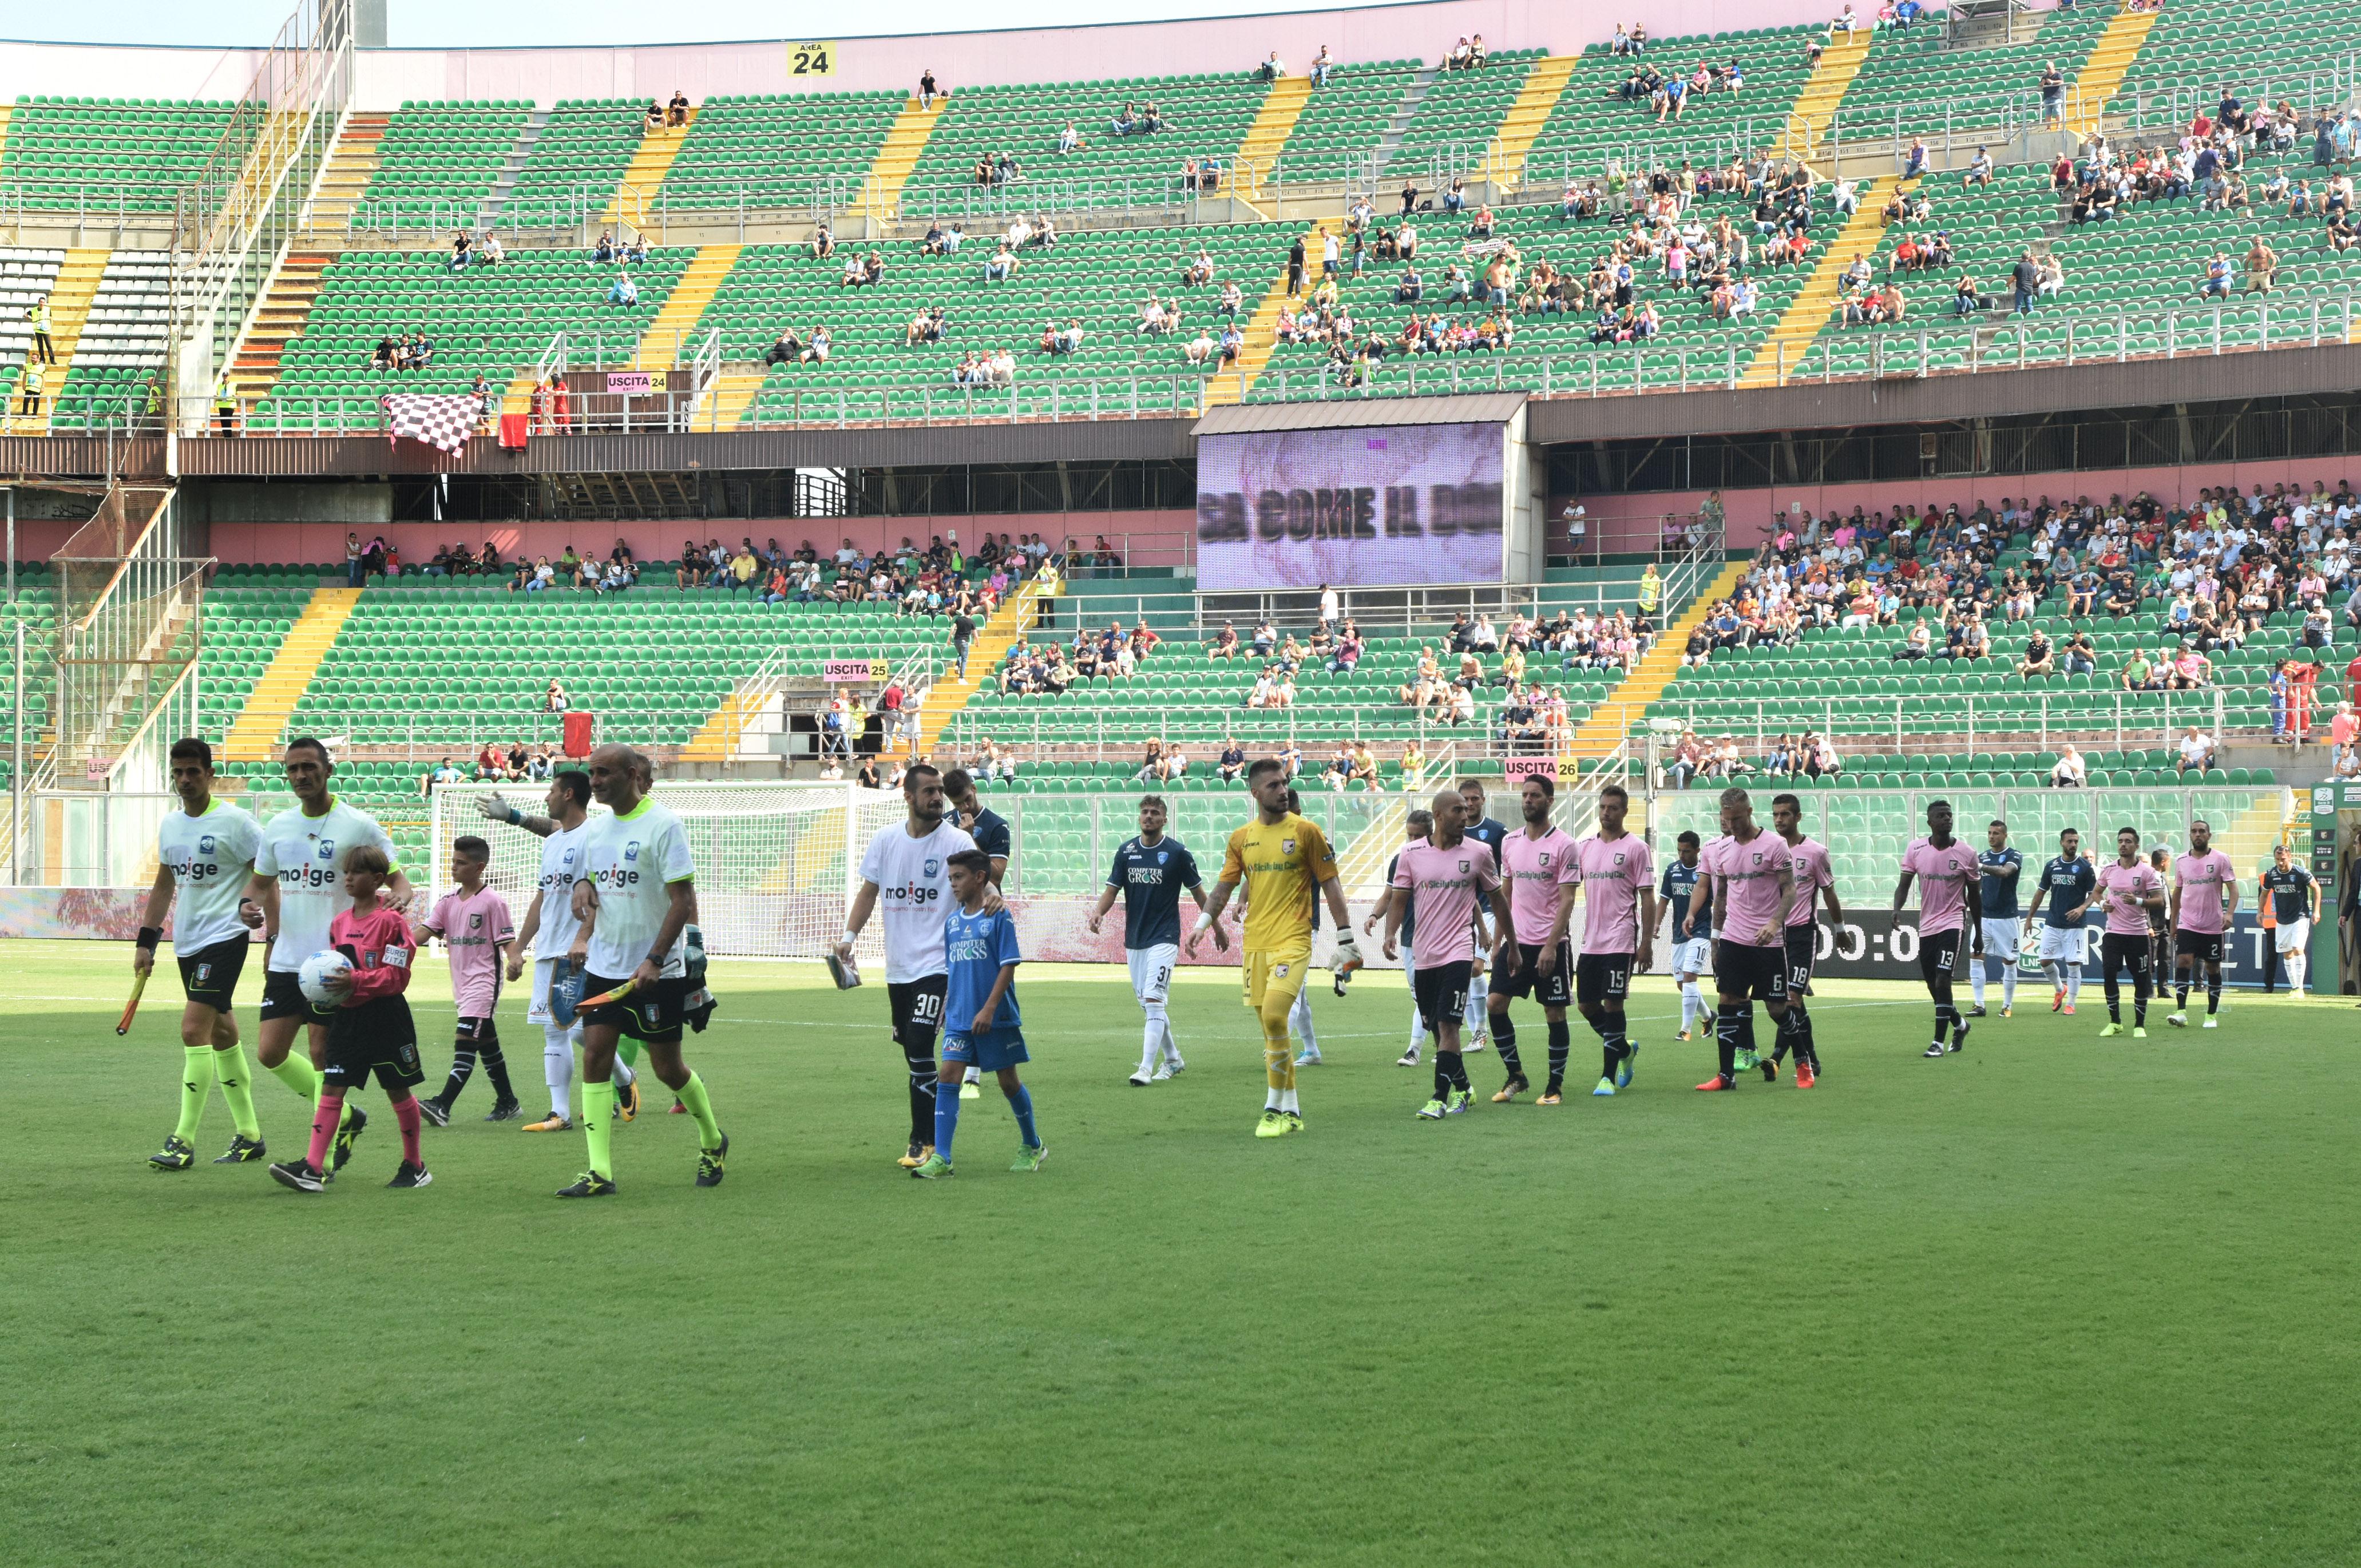 Una partita pazza. Il Palermo va in vantaggio di due gol contro l'Empoli grazie a Cionek e Coronado. La squadra di Vivarini rimonta ma Gnahoré segna per il nuovo vantaggio dei rosanero. Caputo, su rigore, pareggia la gara. Nestorovski e compagni si rammaricano per la grande occasione sprecata. LA CRONACA DEL MATCH LE PAGELLE DI GUIDO MONASTRA GLI HIGHLIGHTS IL POST-PARTITA